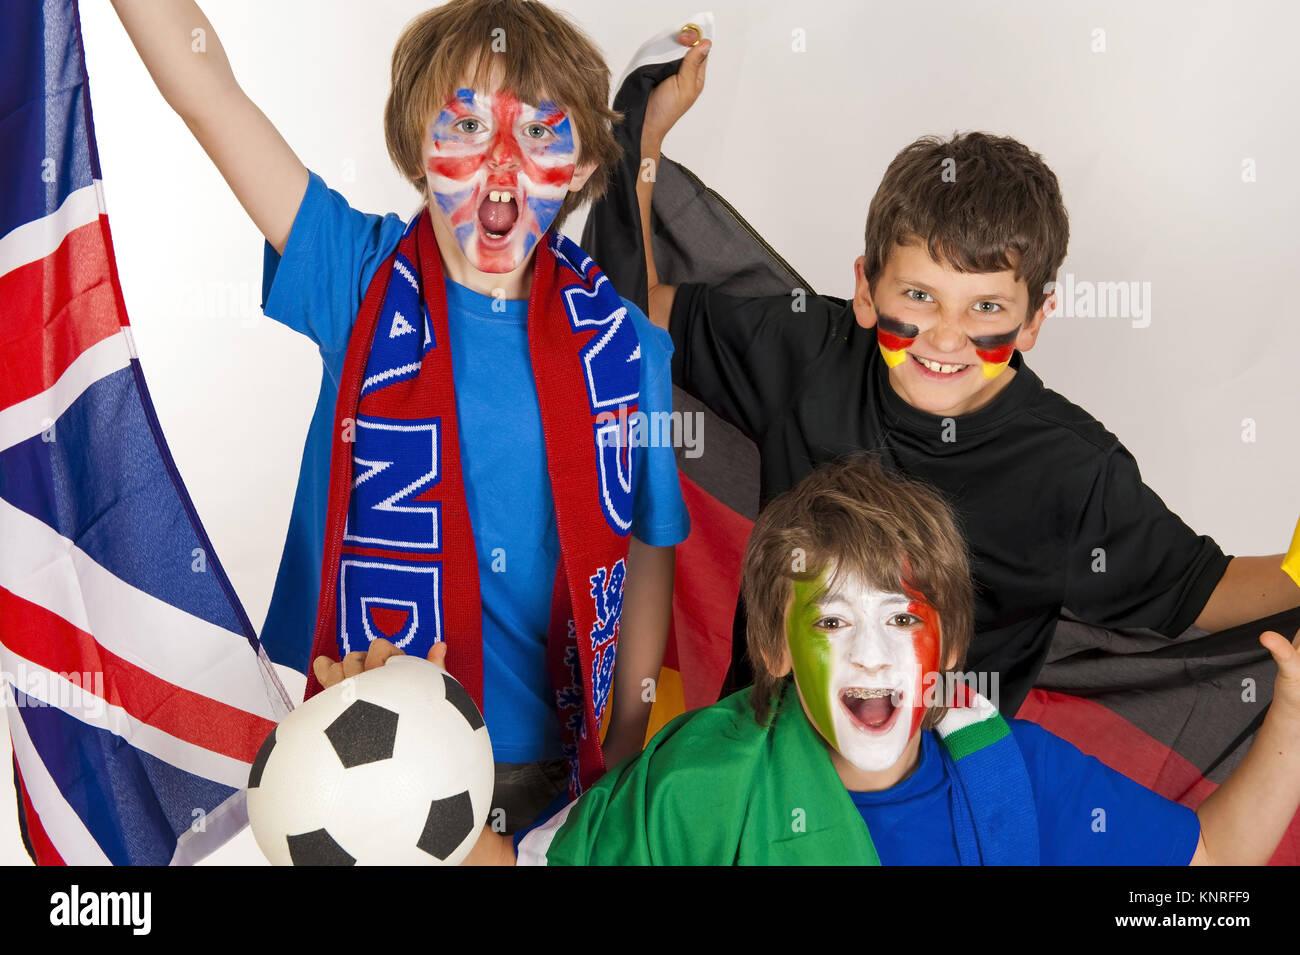 Fussballfans aus verscheidenen Laendern - Stock Image